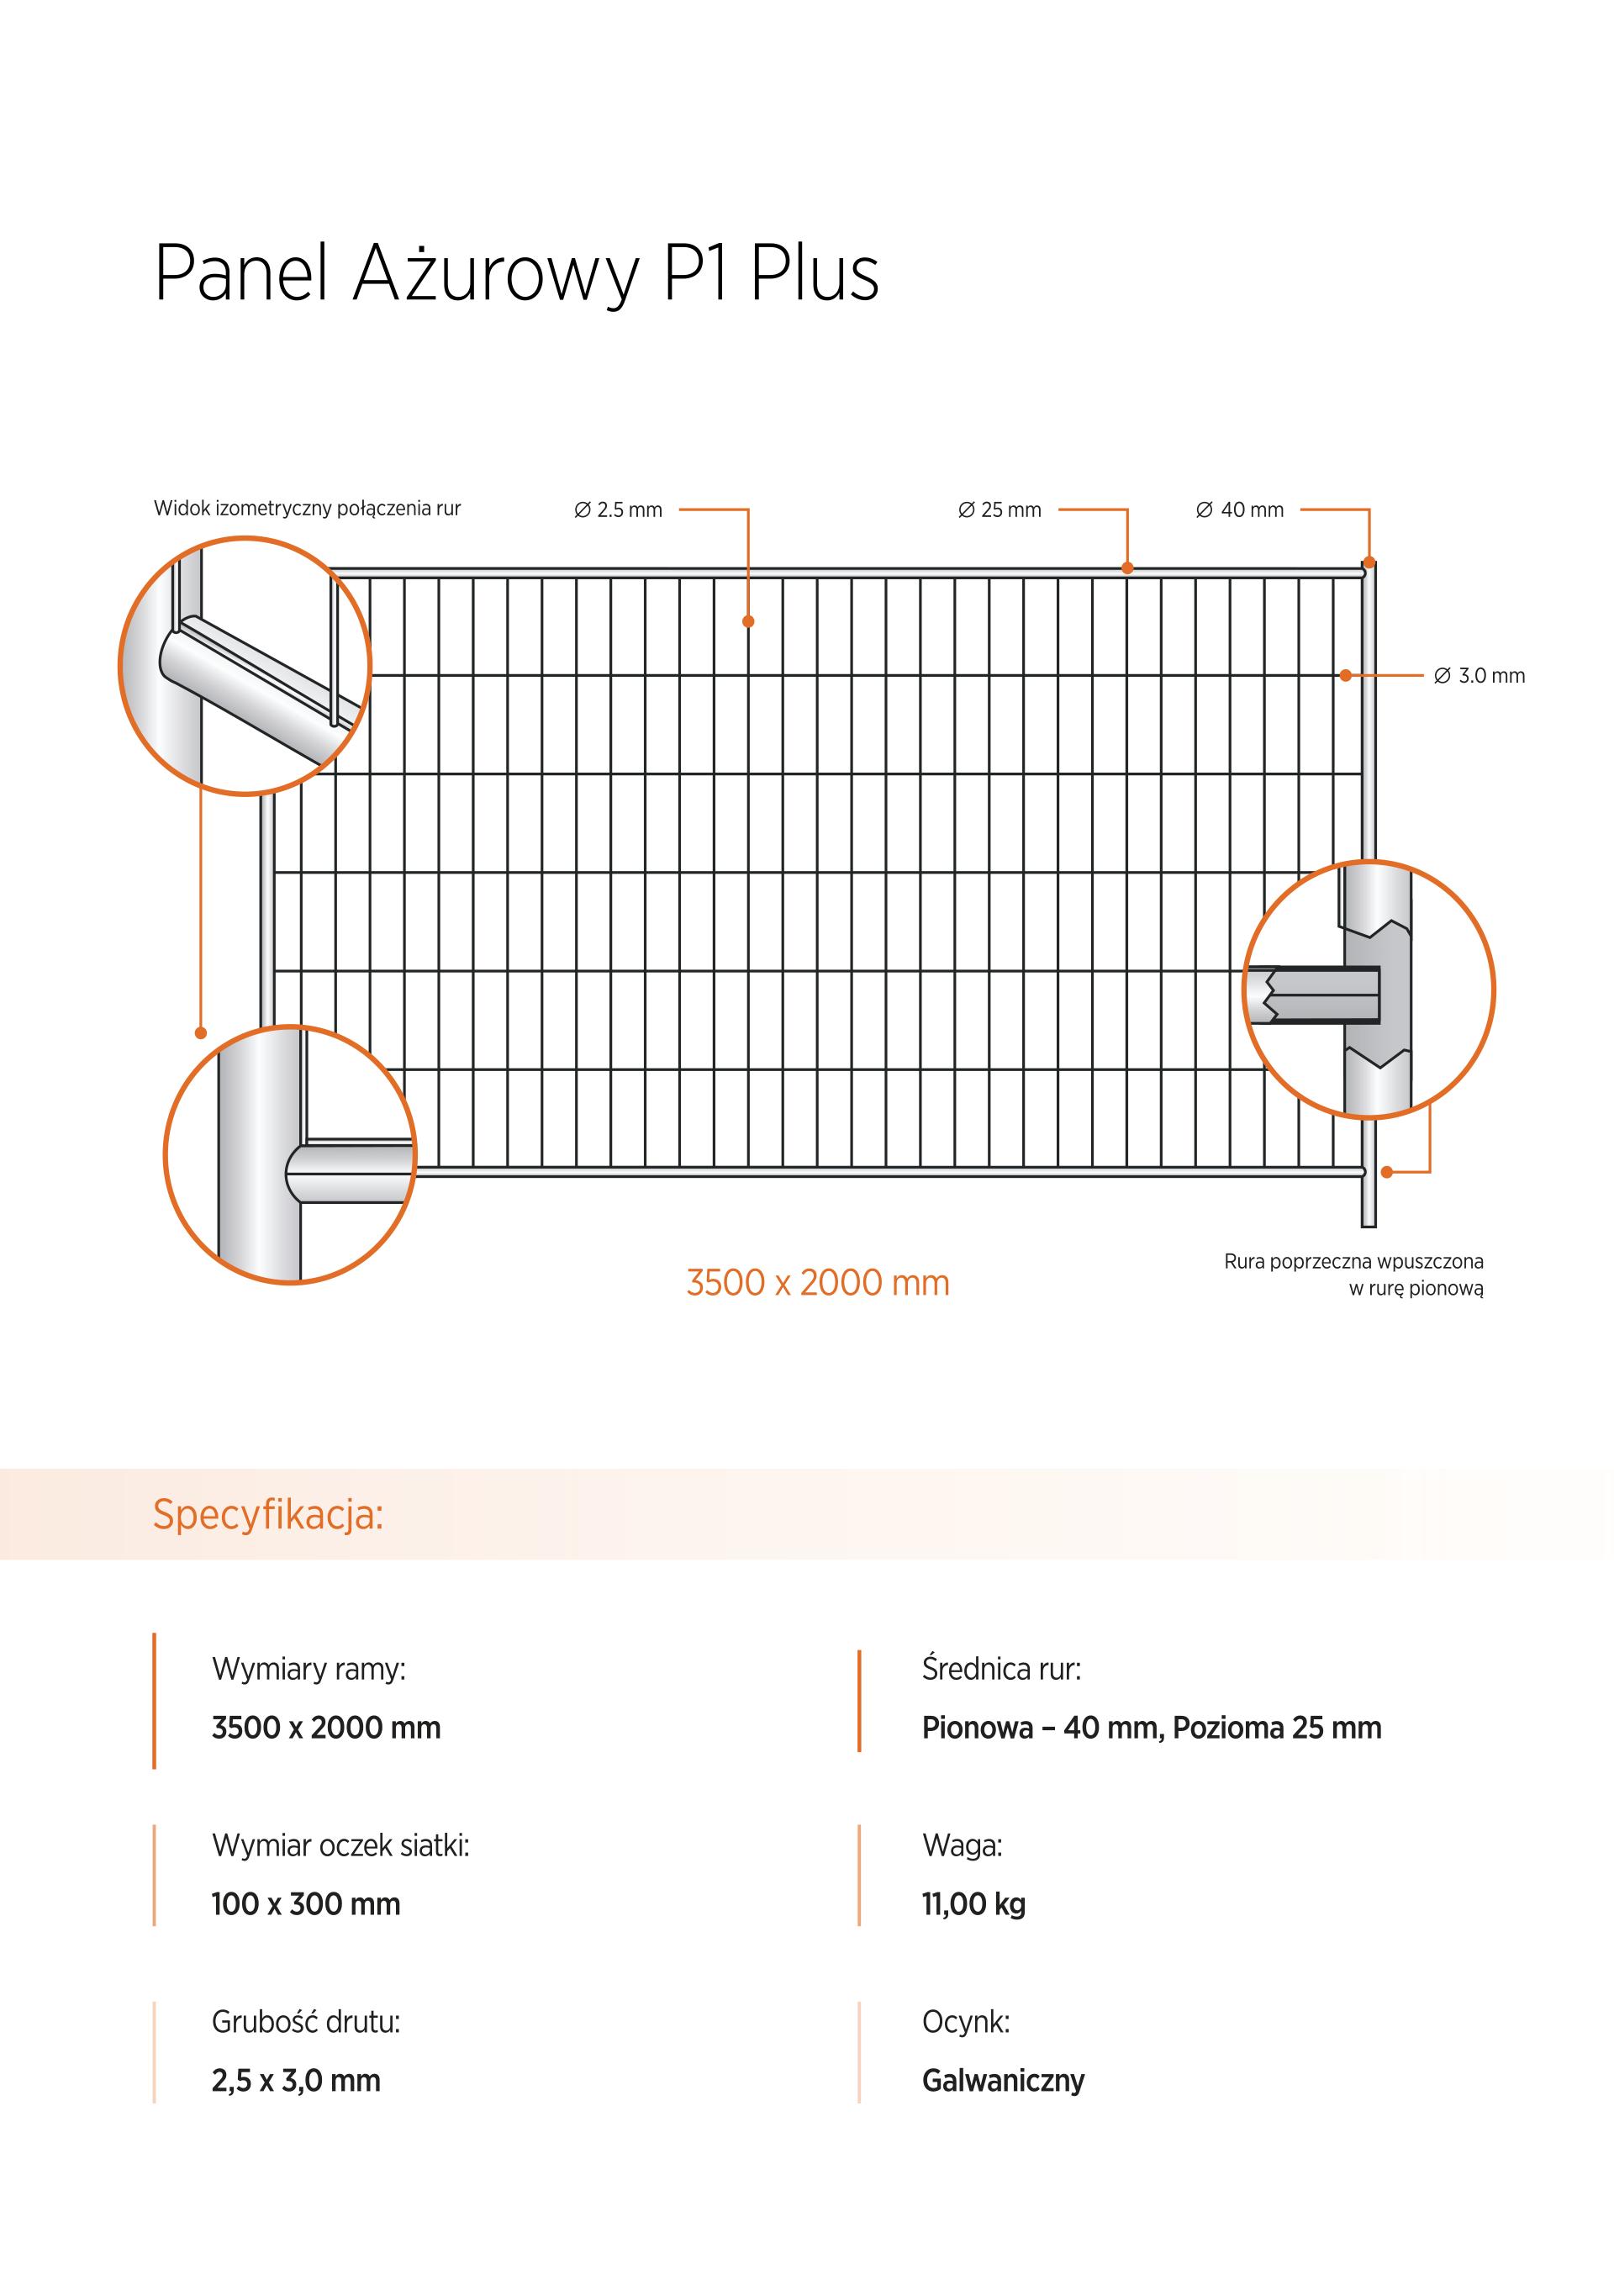 ogrodzenie tymczasowe p1 - Ogrodzenia tymczasowe Suwałki